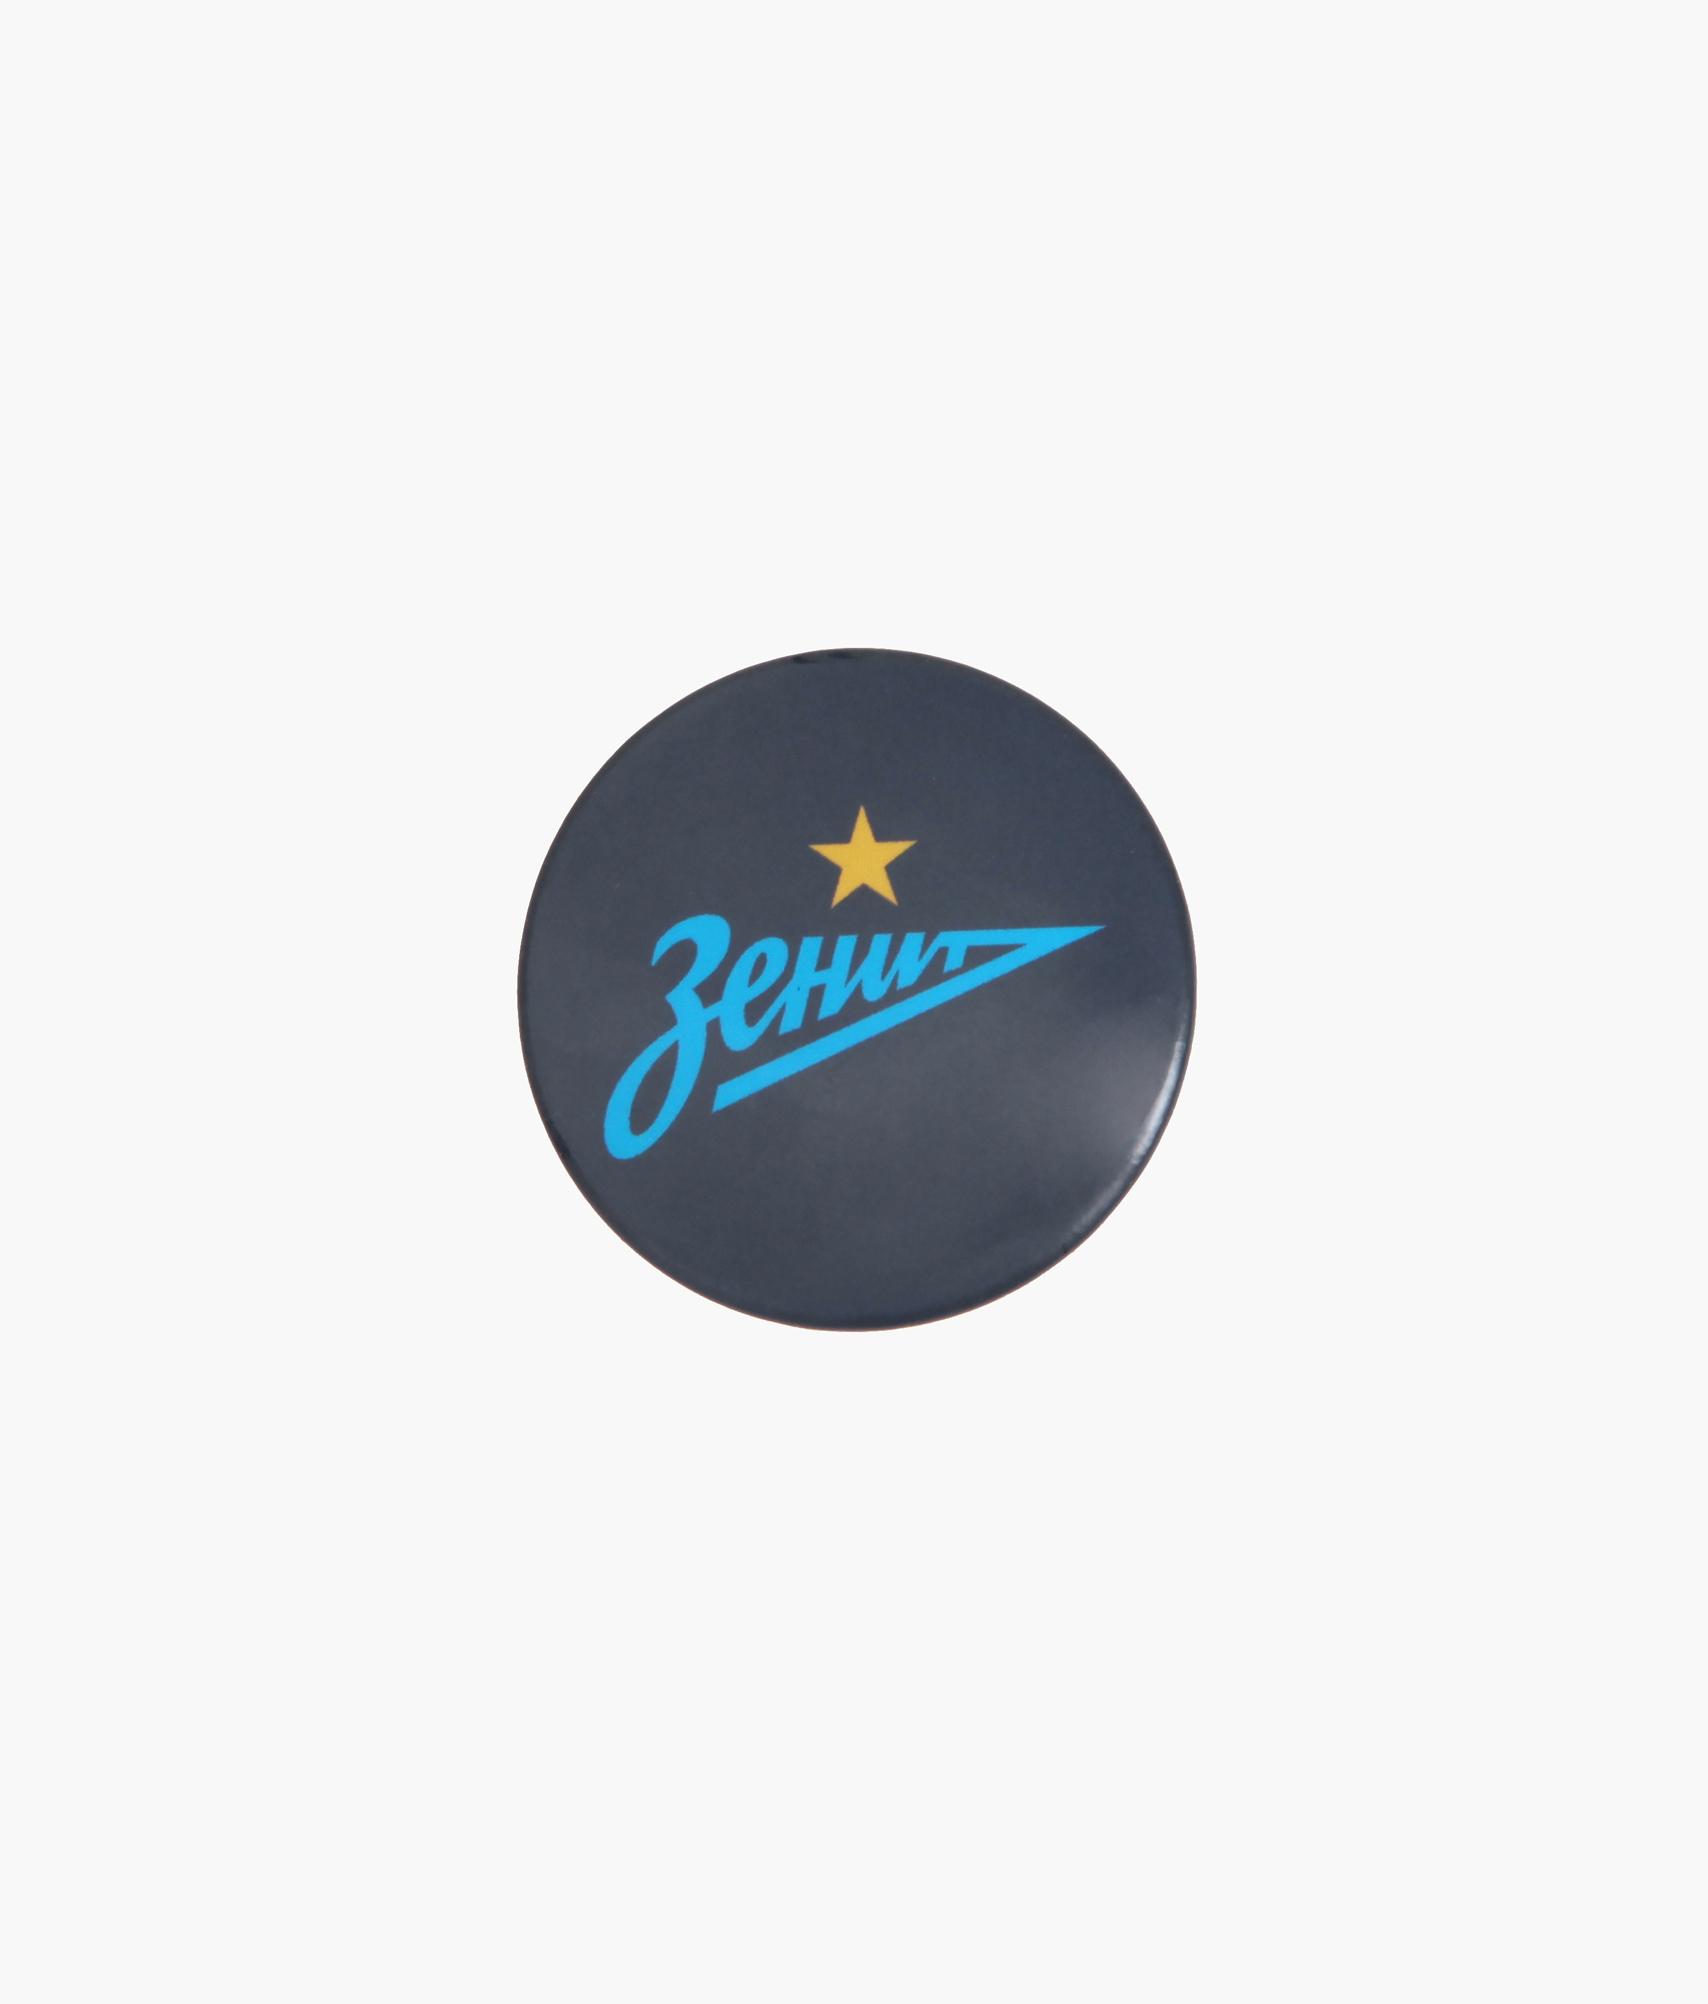 Значок закатной «Стрелка» Зенит значок закатной эмблема чемпионата мира 2018 зенит